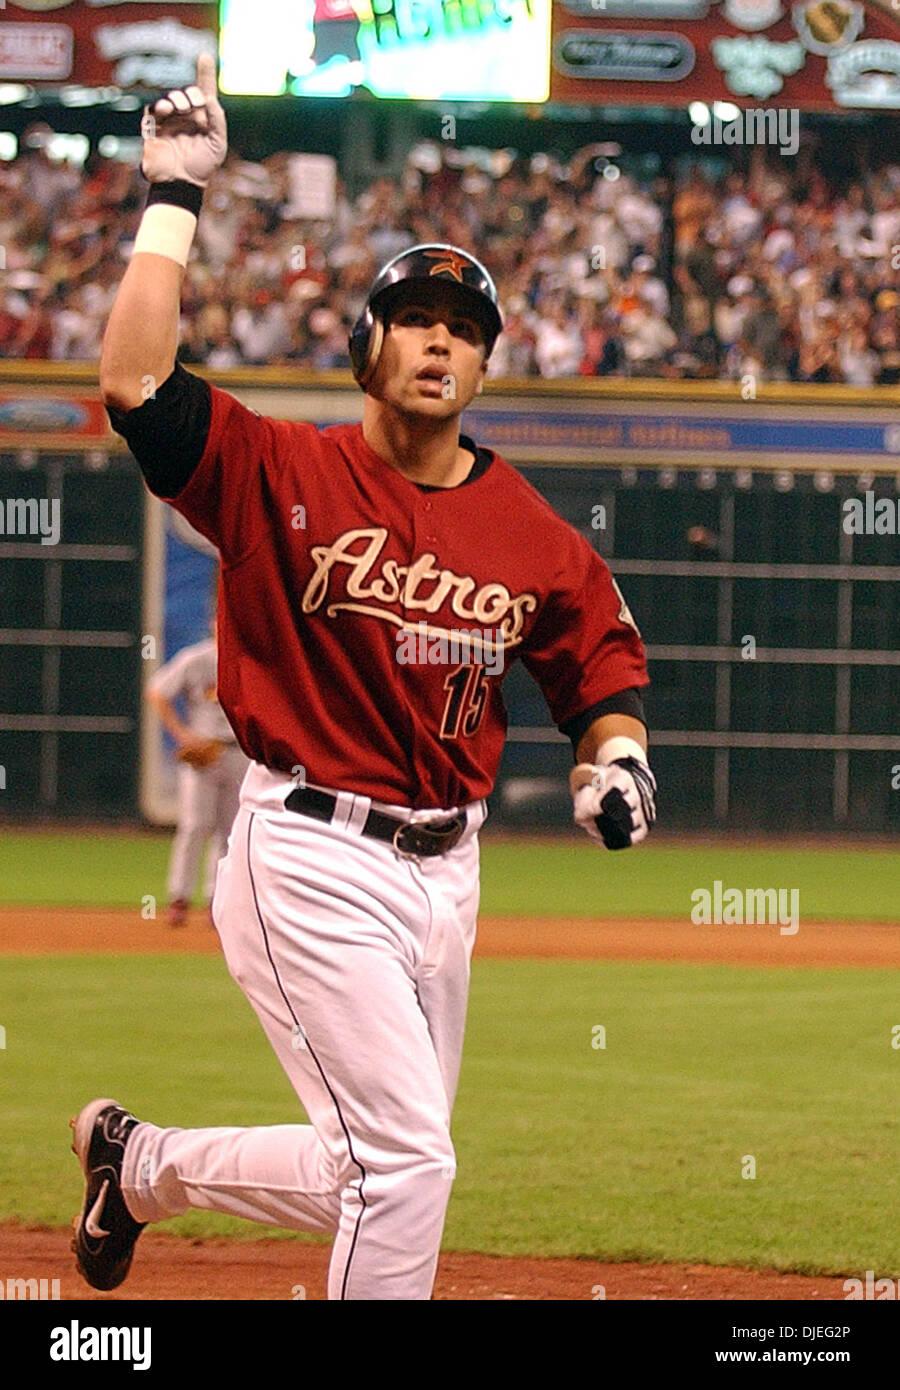 Carlos Beltran Astros Stock Photos Carlos Beltran Astros